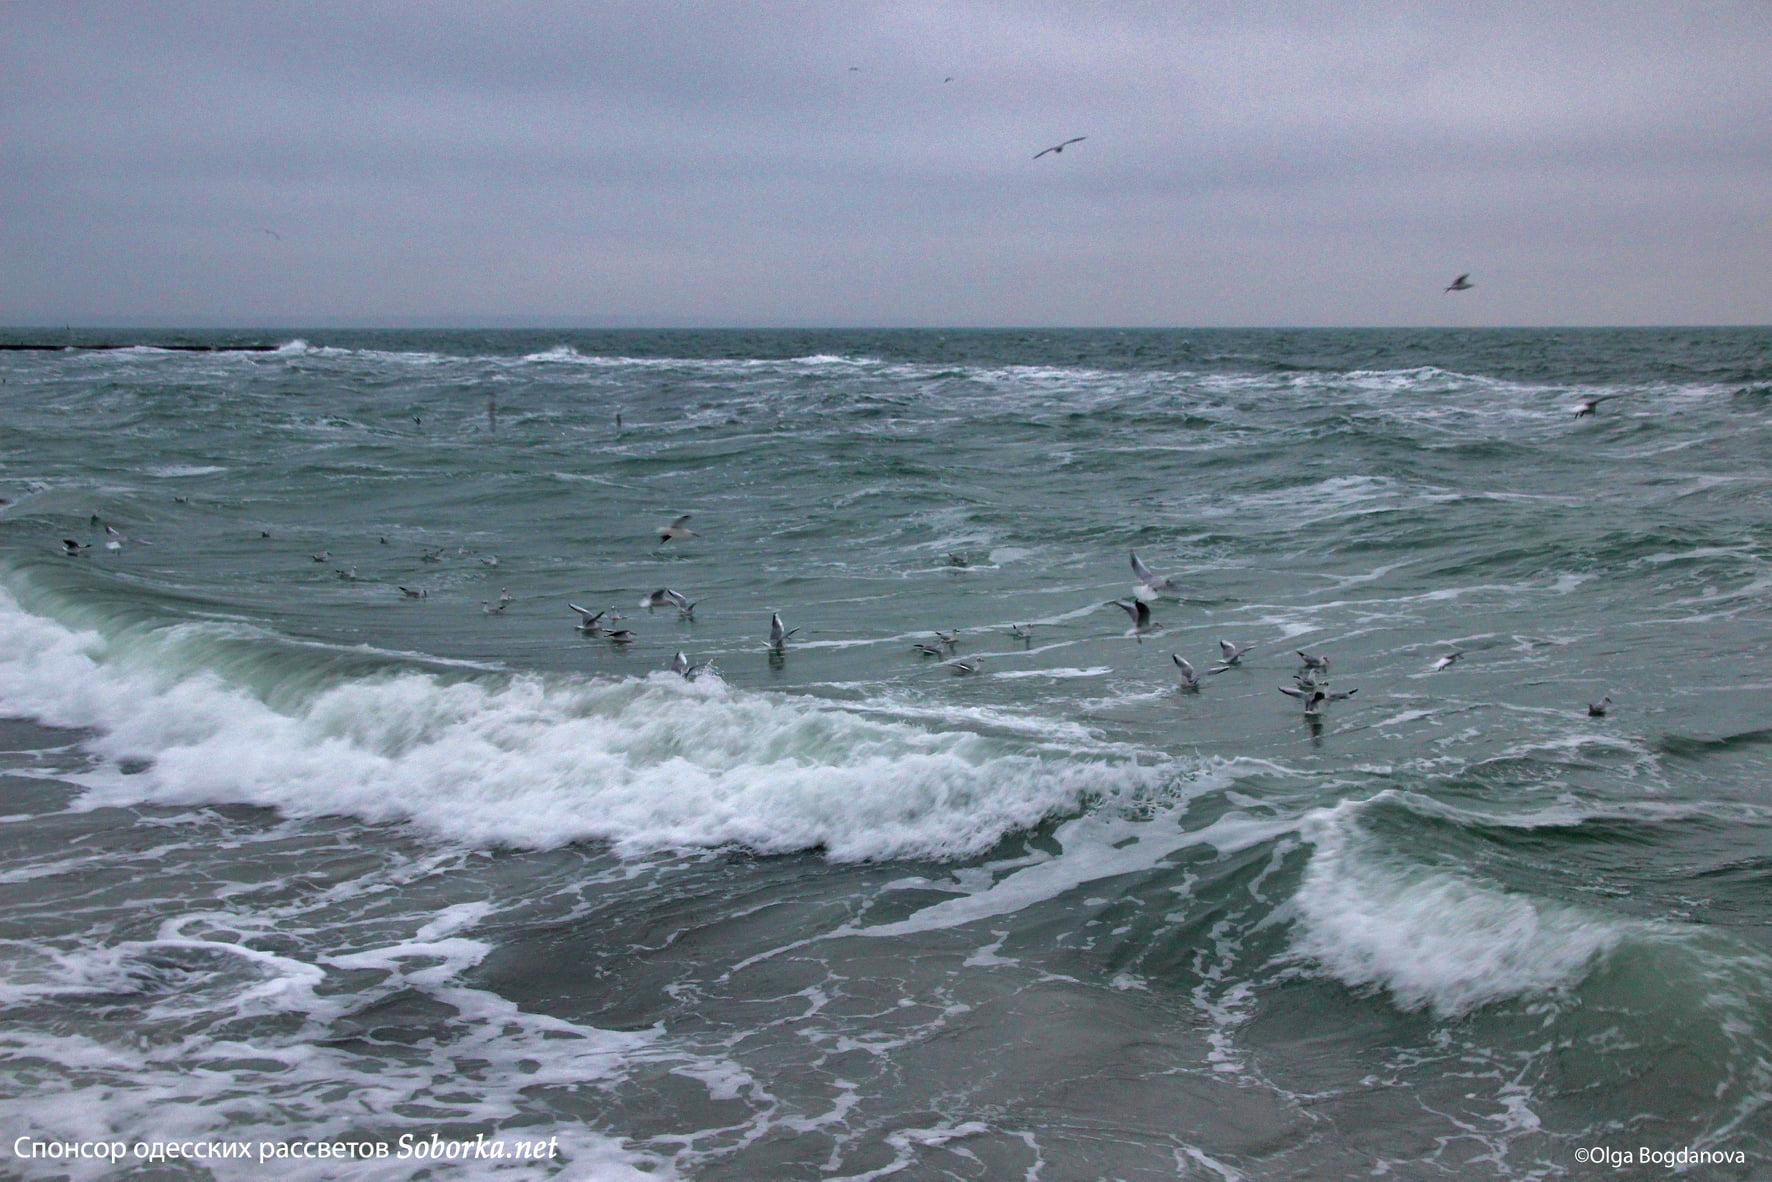 Зимнее море в Одессе. Фото: Ольга Богданова